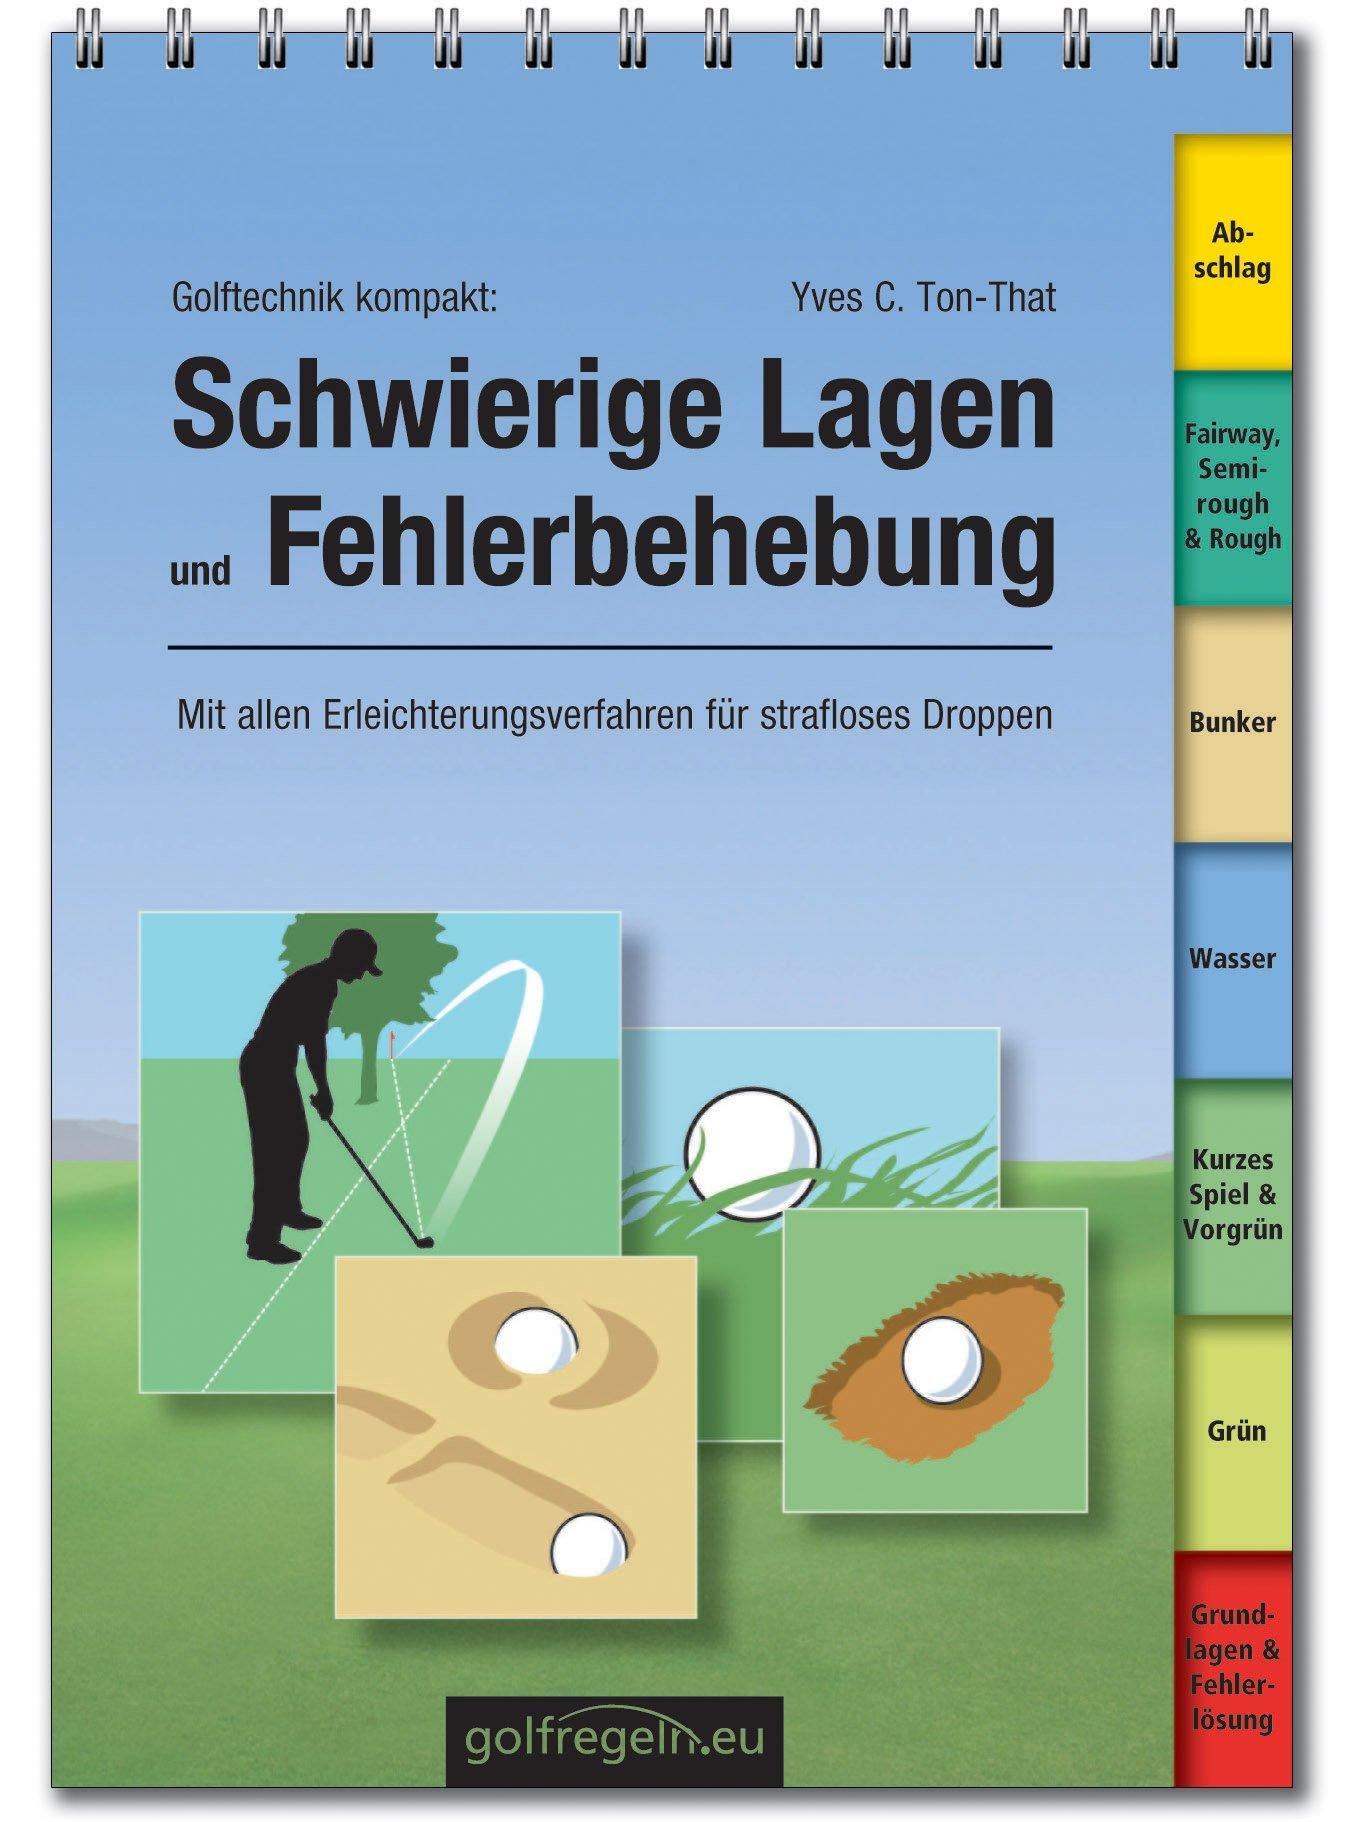 Golf Technik kompakt: Schwierige Lagen beim Golf - Fehlerbehebung